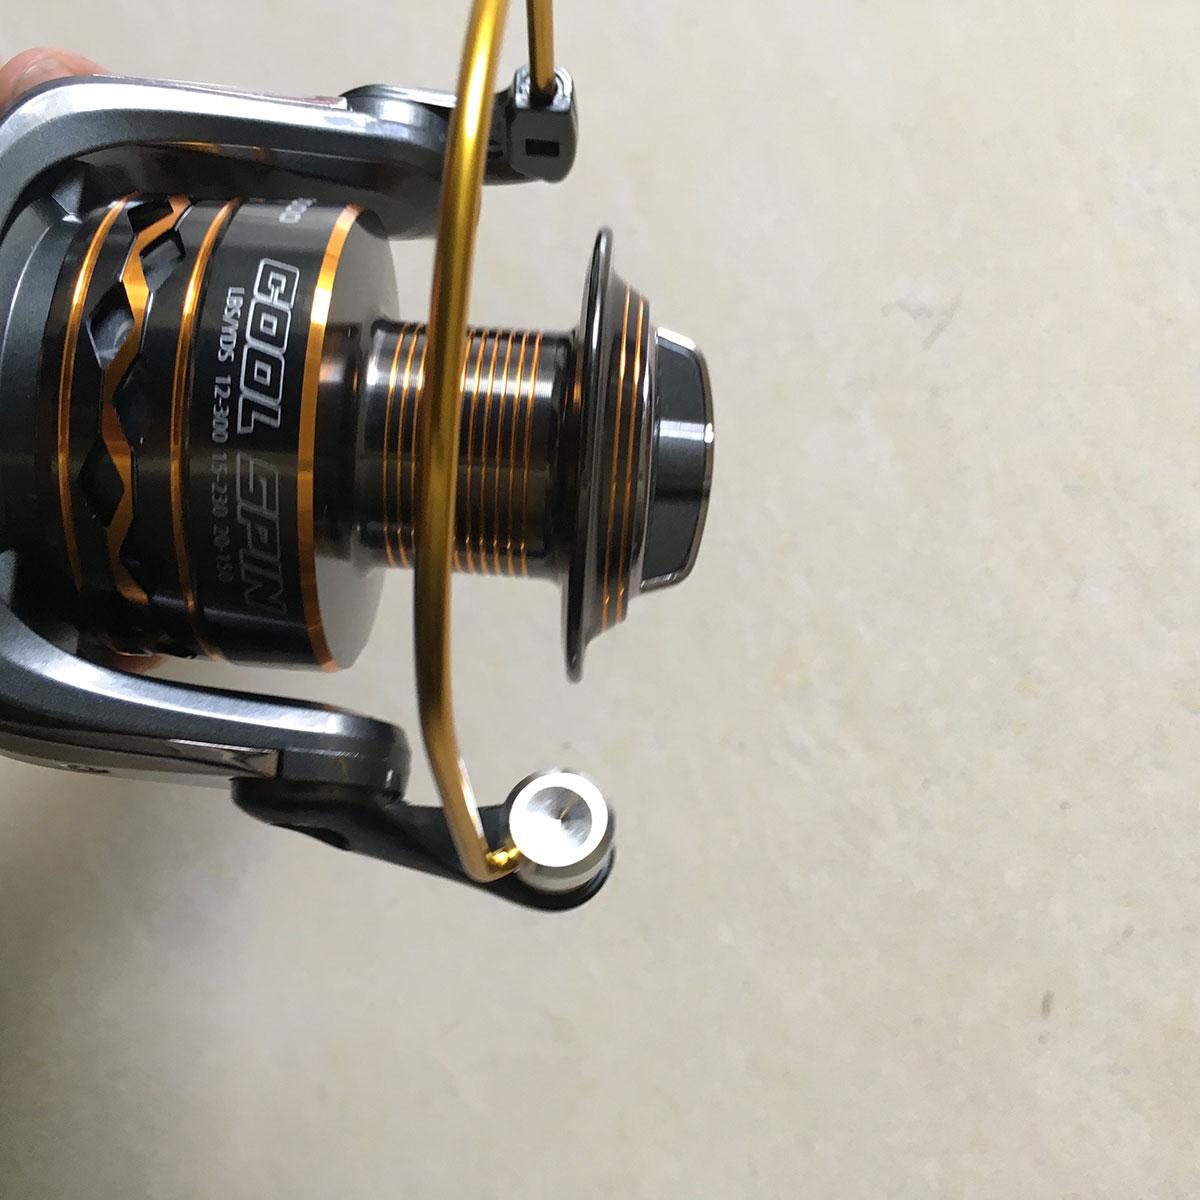 Máy Câu Cá Yolo Cool Spin CS 5000Chính HãngBH 3 Tháng